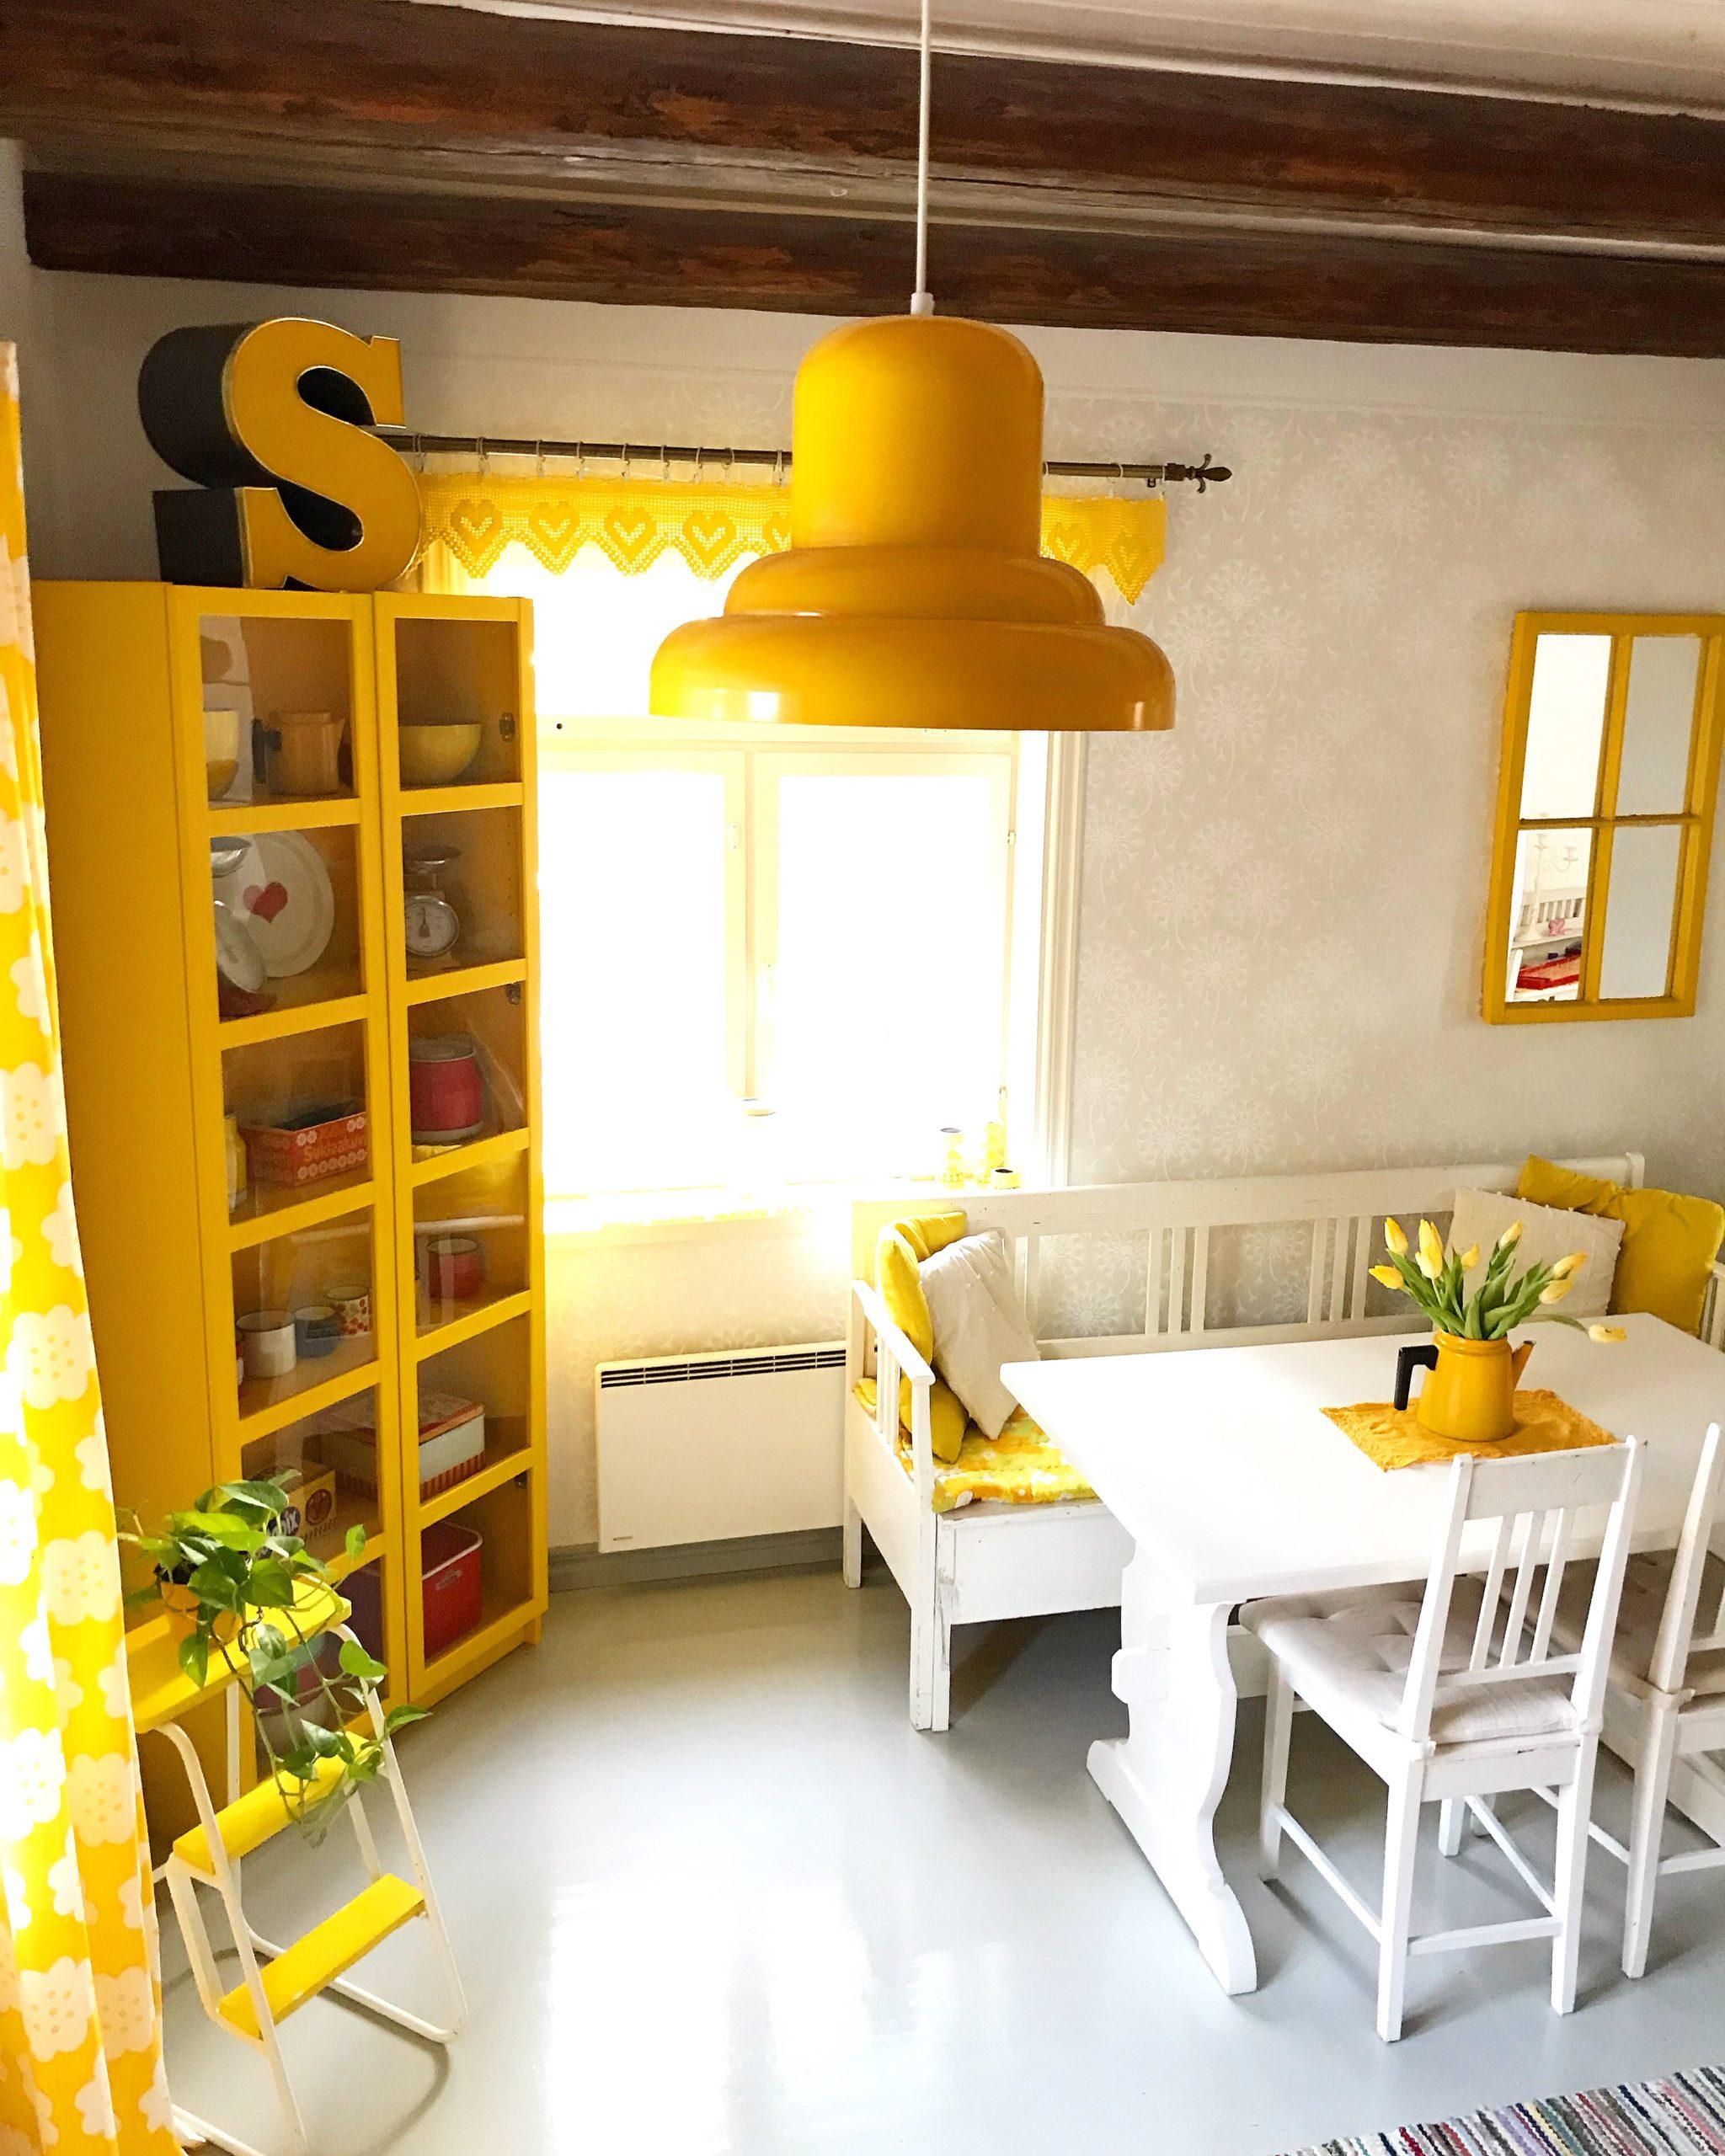 Elluyellow keltainen keittiö